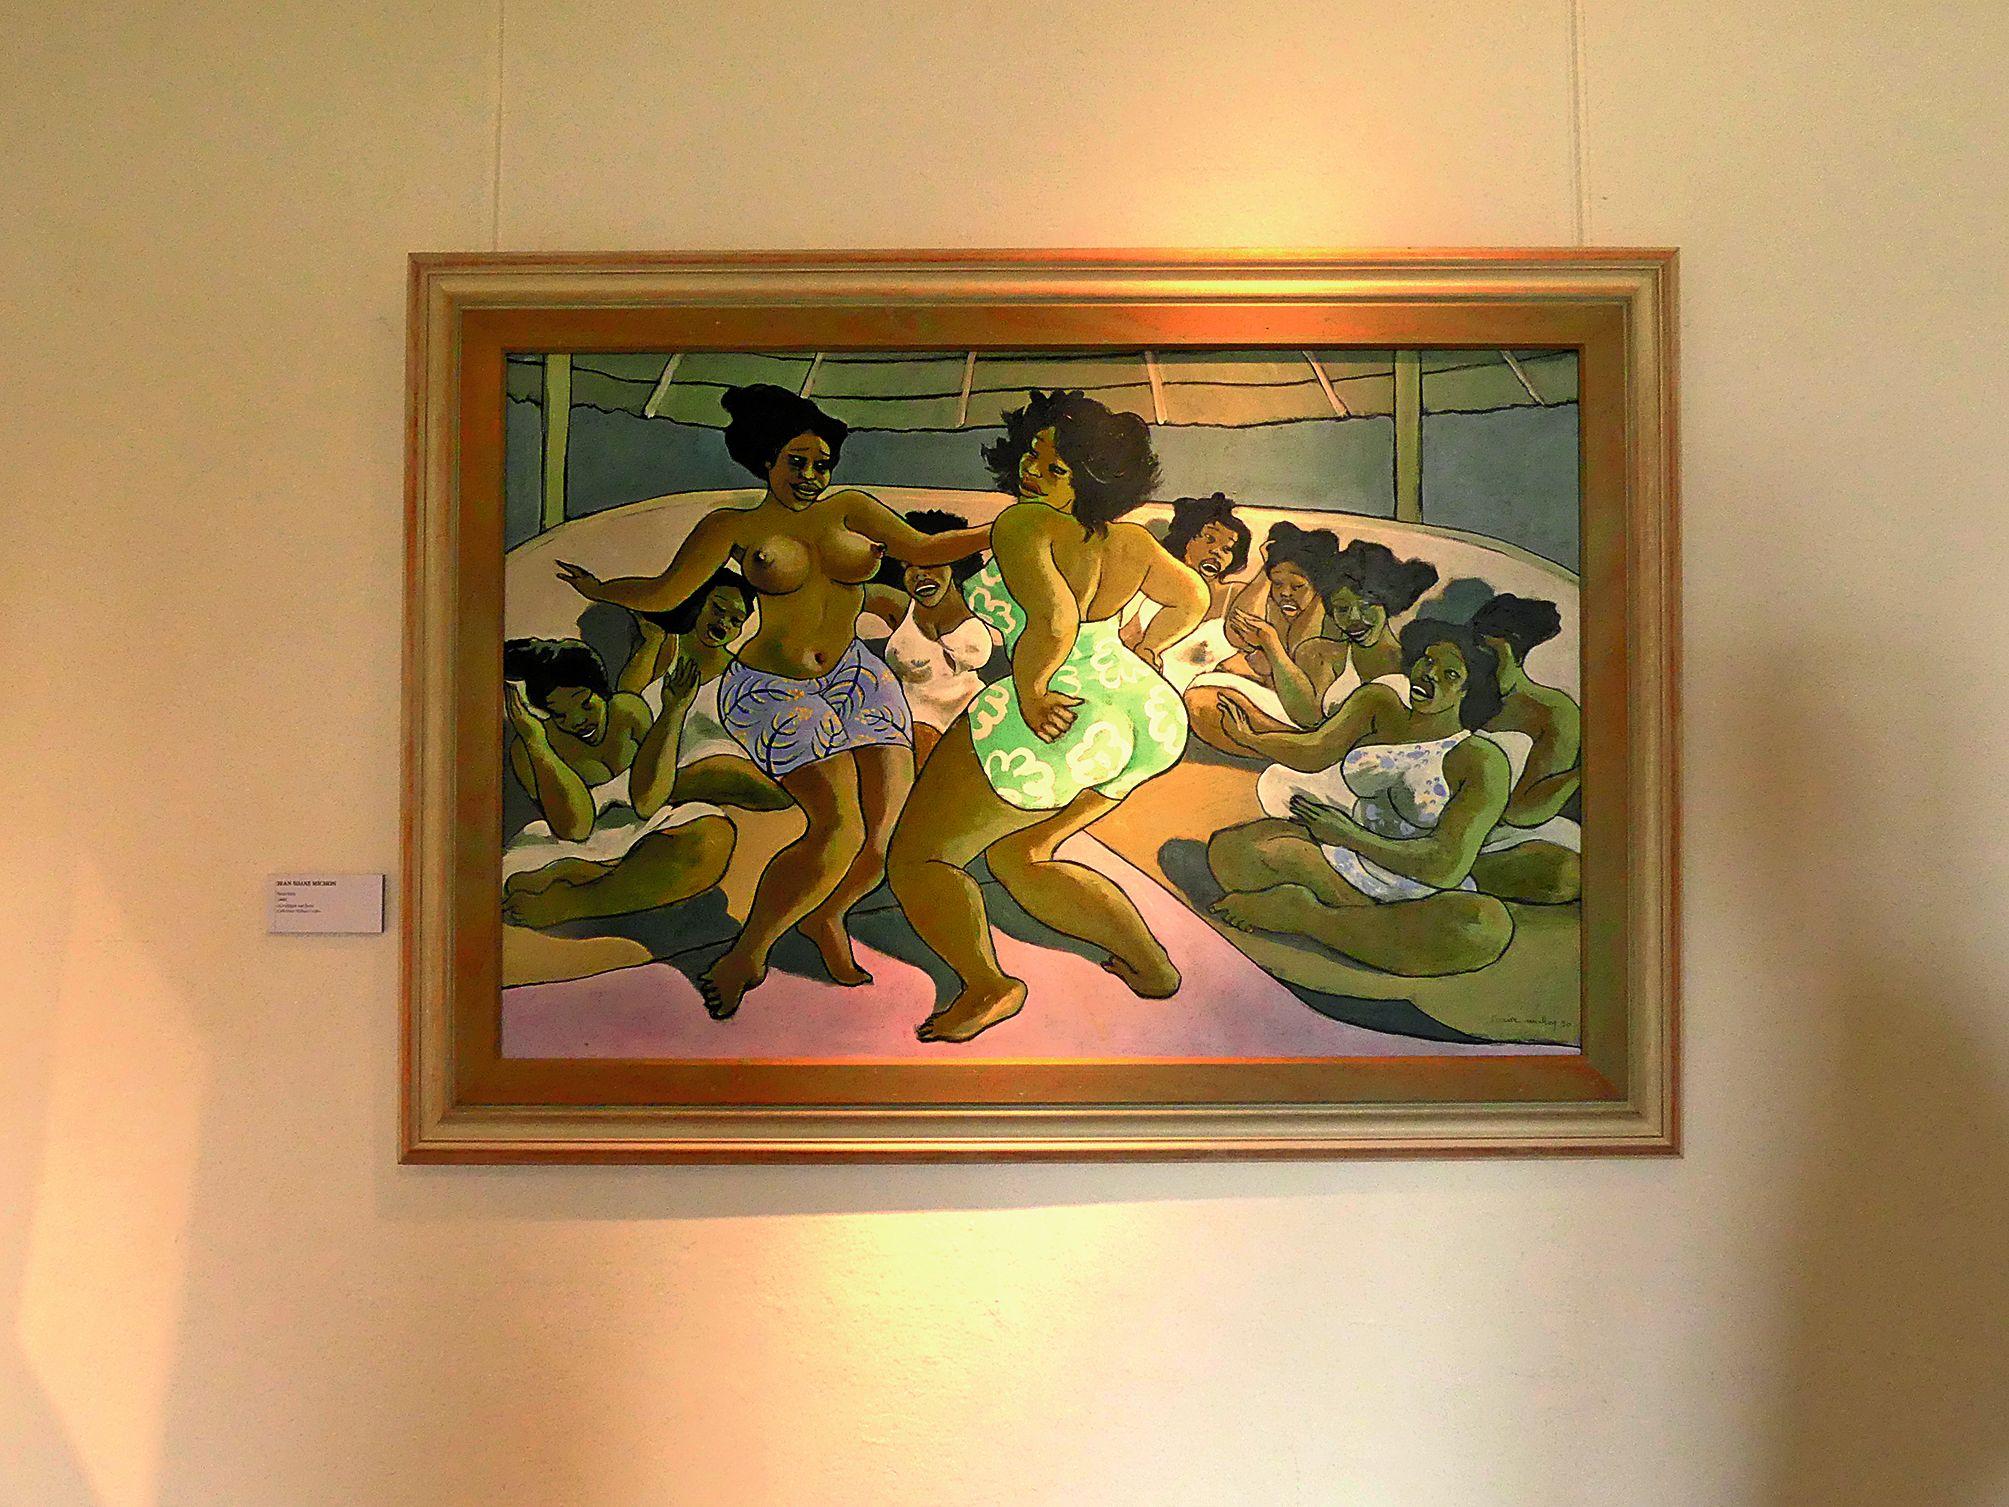 Plusieurs tableaux de Jean Soane Michon, dont cet acrylique en bois de 1990, représentant des scènes de vie.